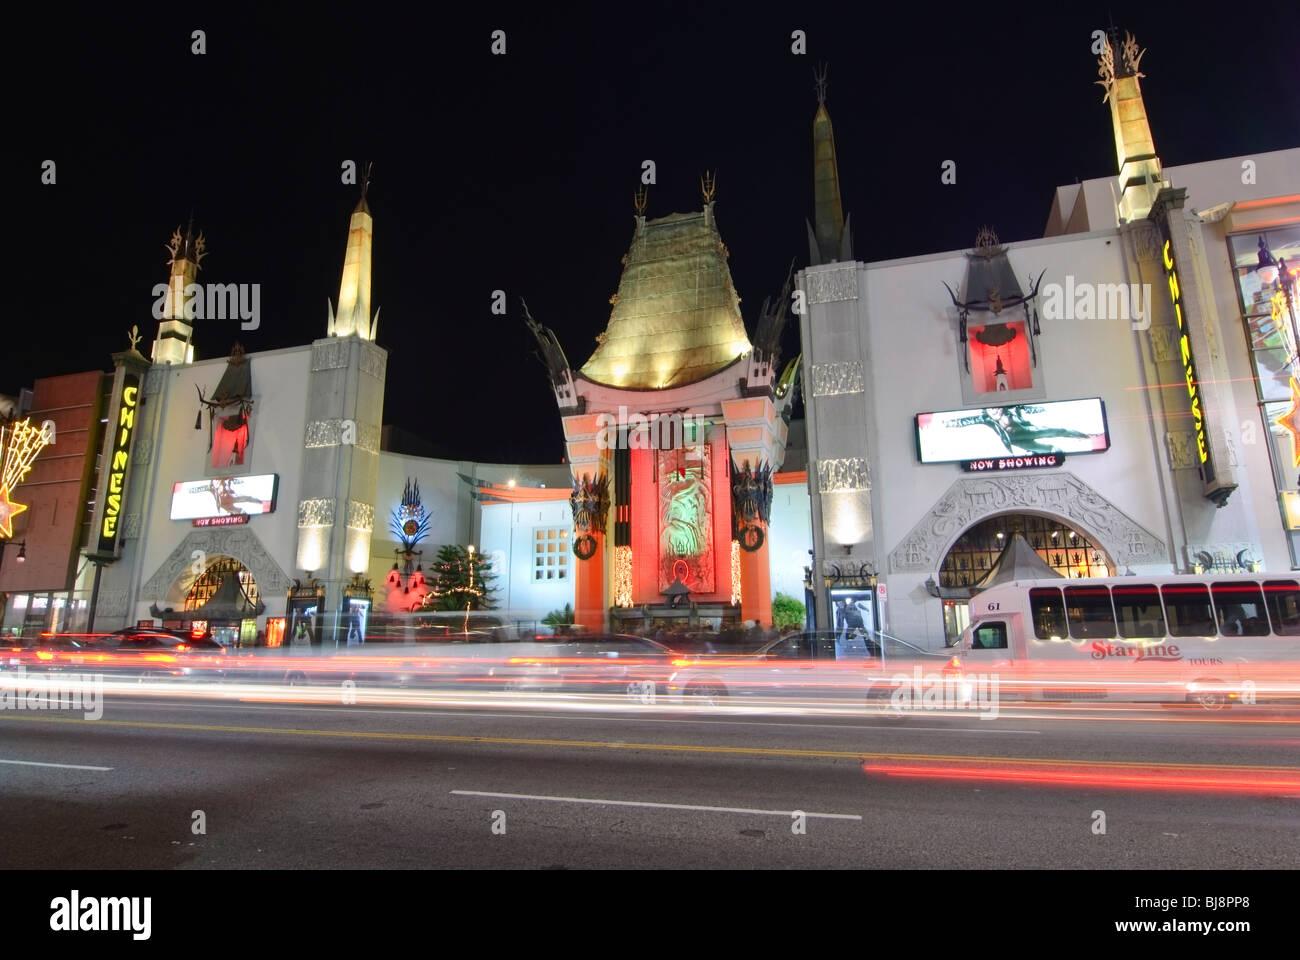 Graumans Chinese Theatre in Hollywood, Kalifornien. Stockbild